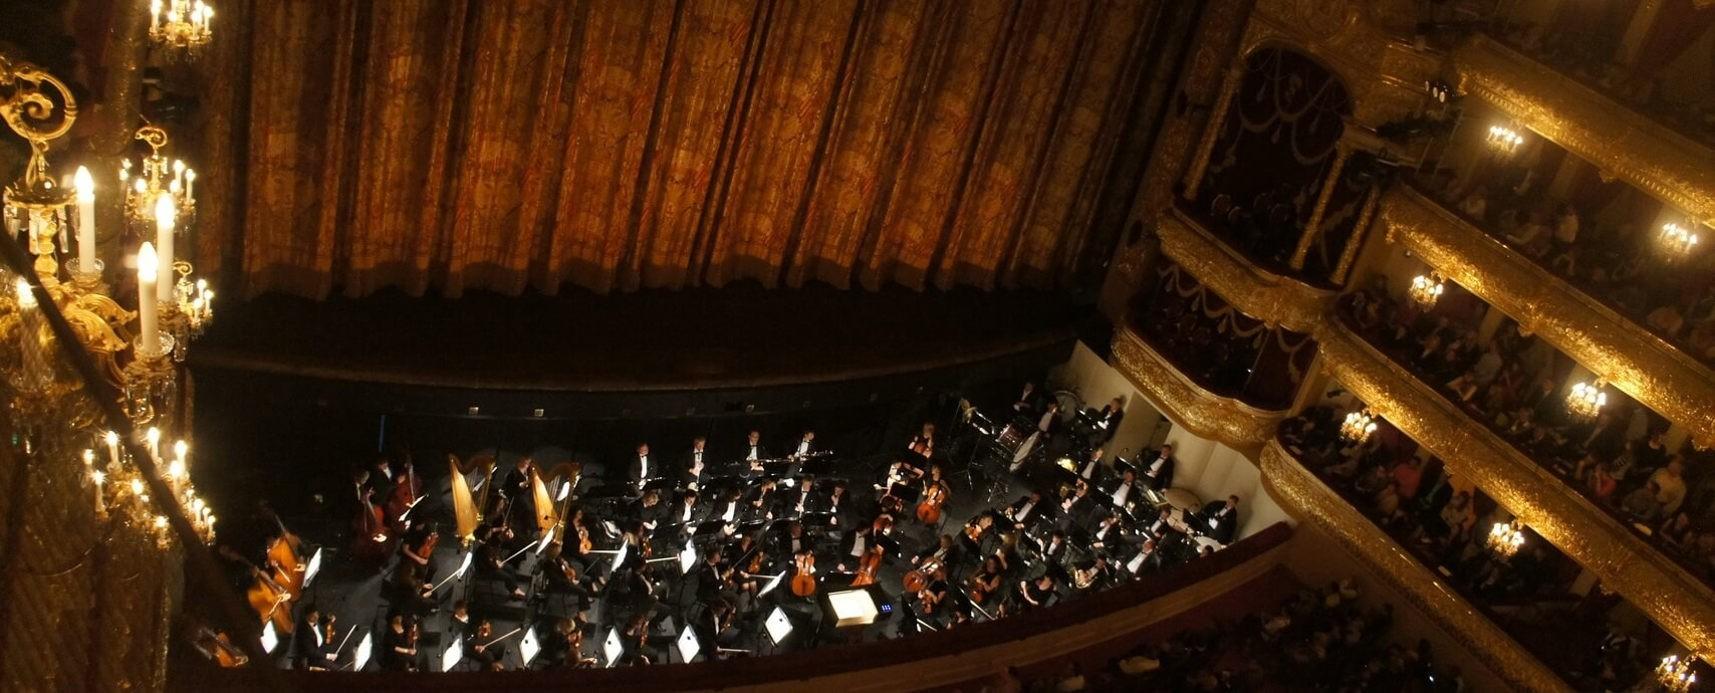 Почему оркестр в театре находится в яме?